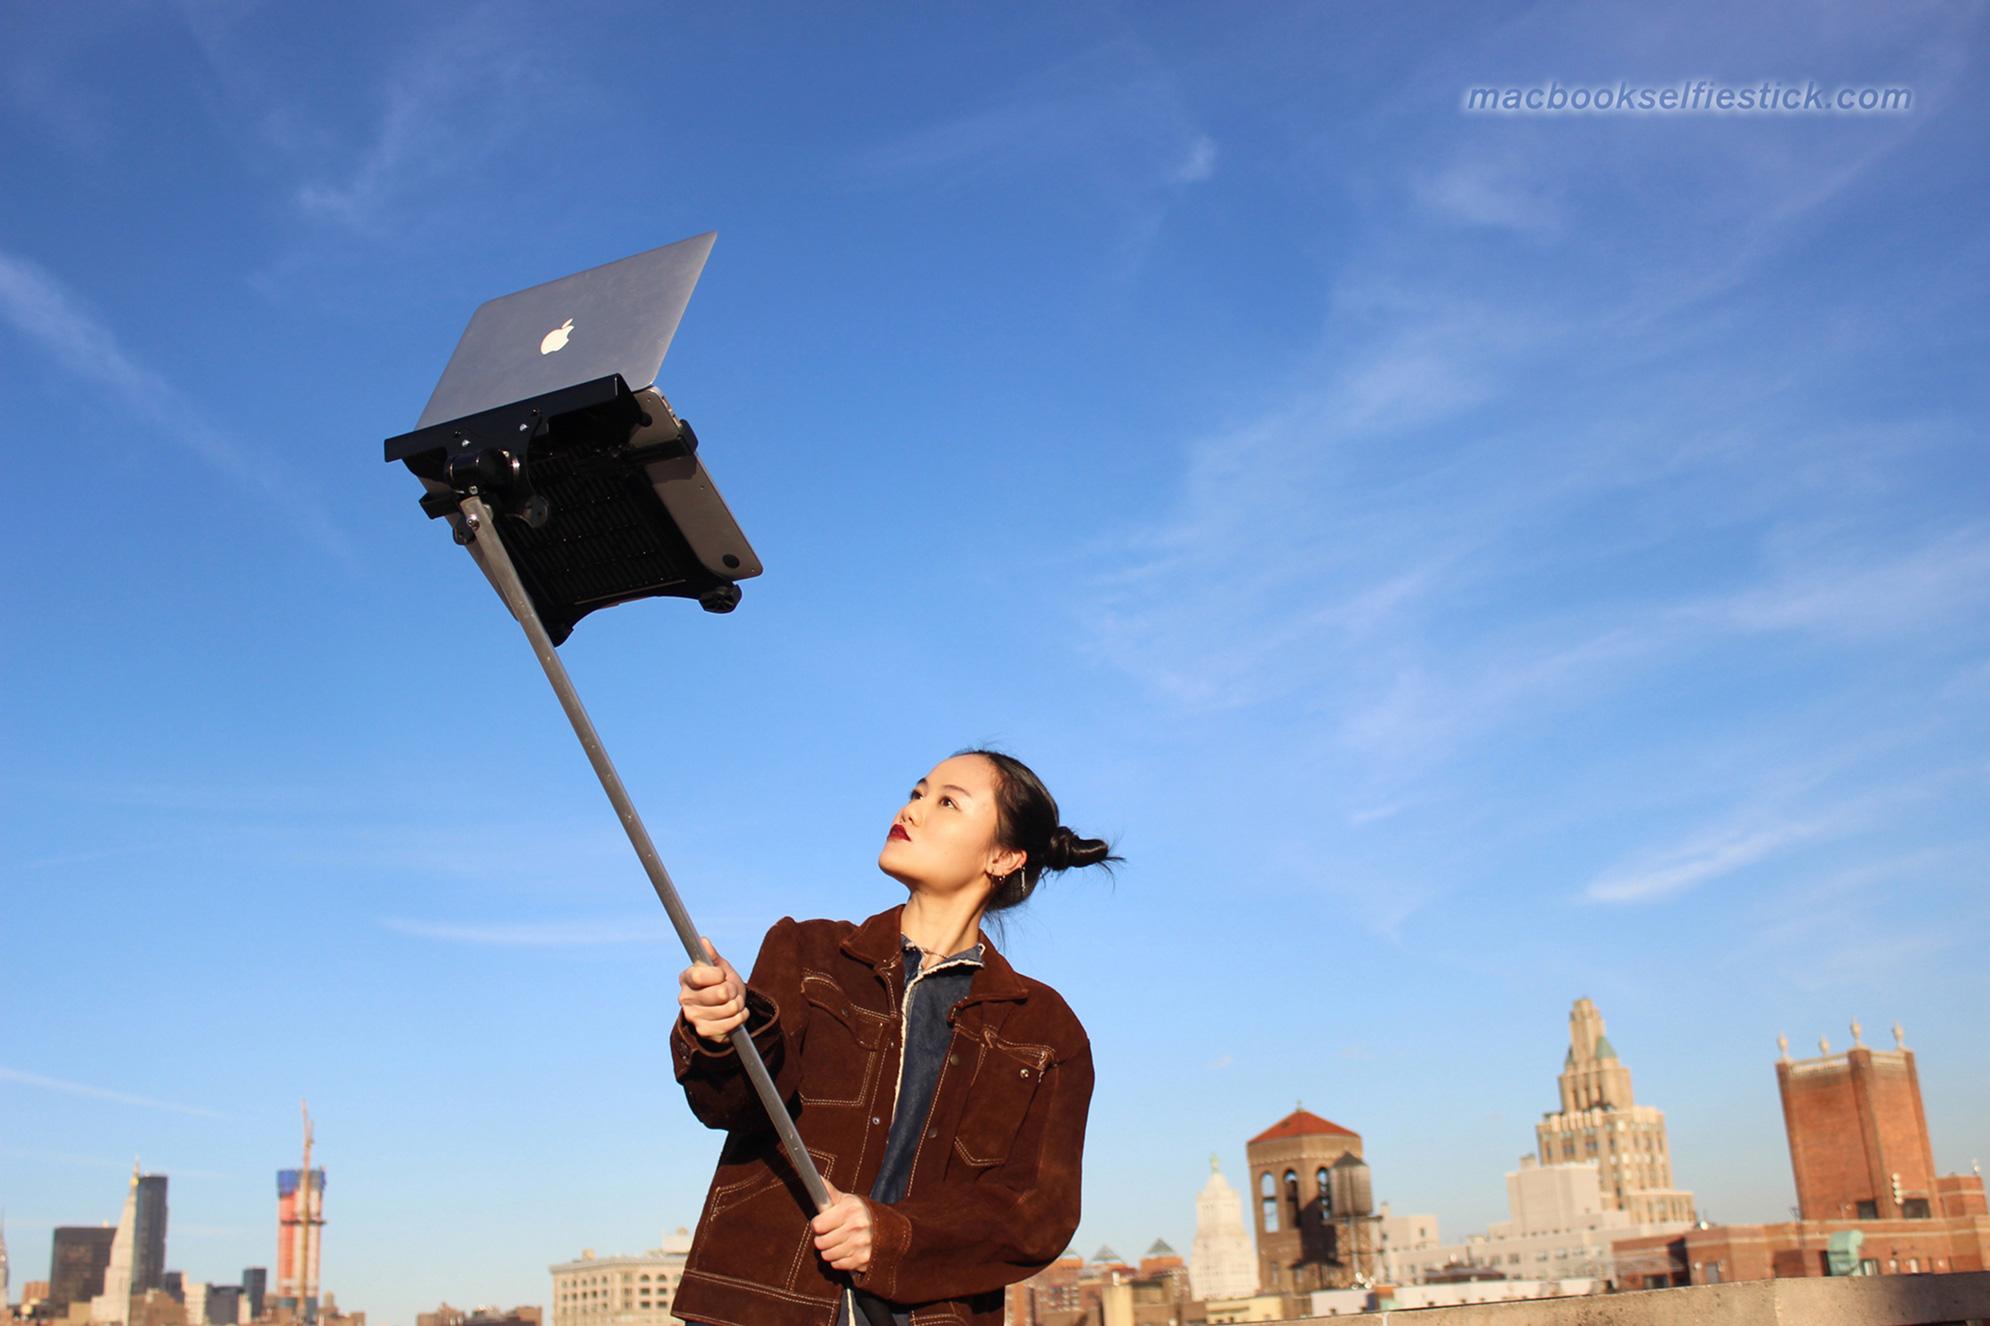 MacBook Selfie Stick 29